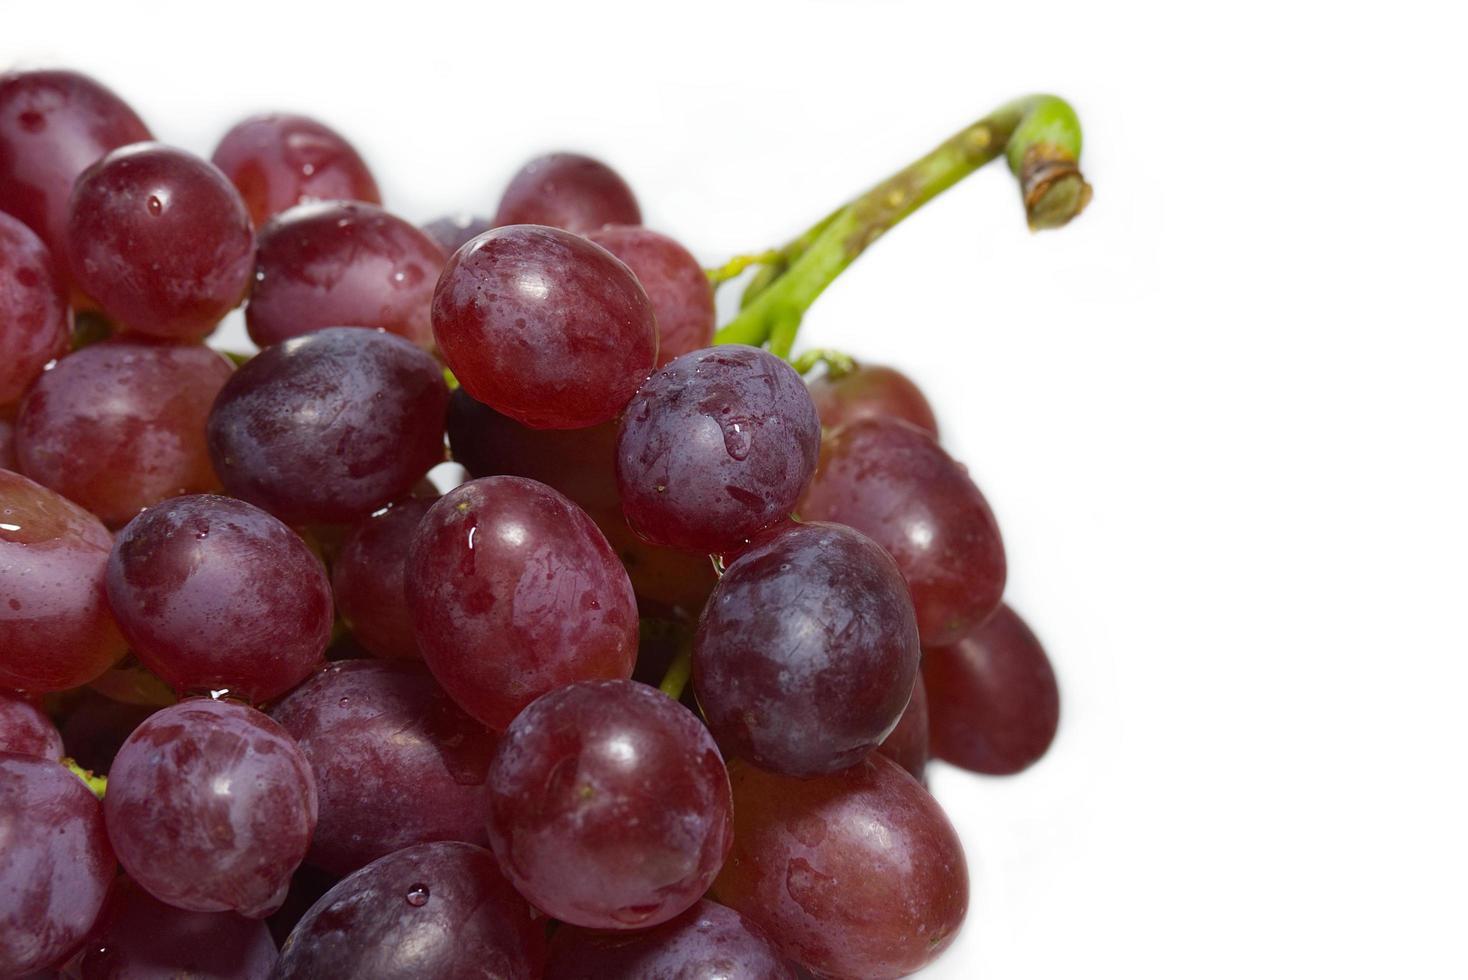 rijpe rode druif met bos geïsoleerd op een witte achtergrond foto